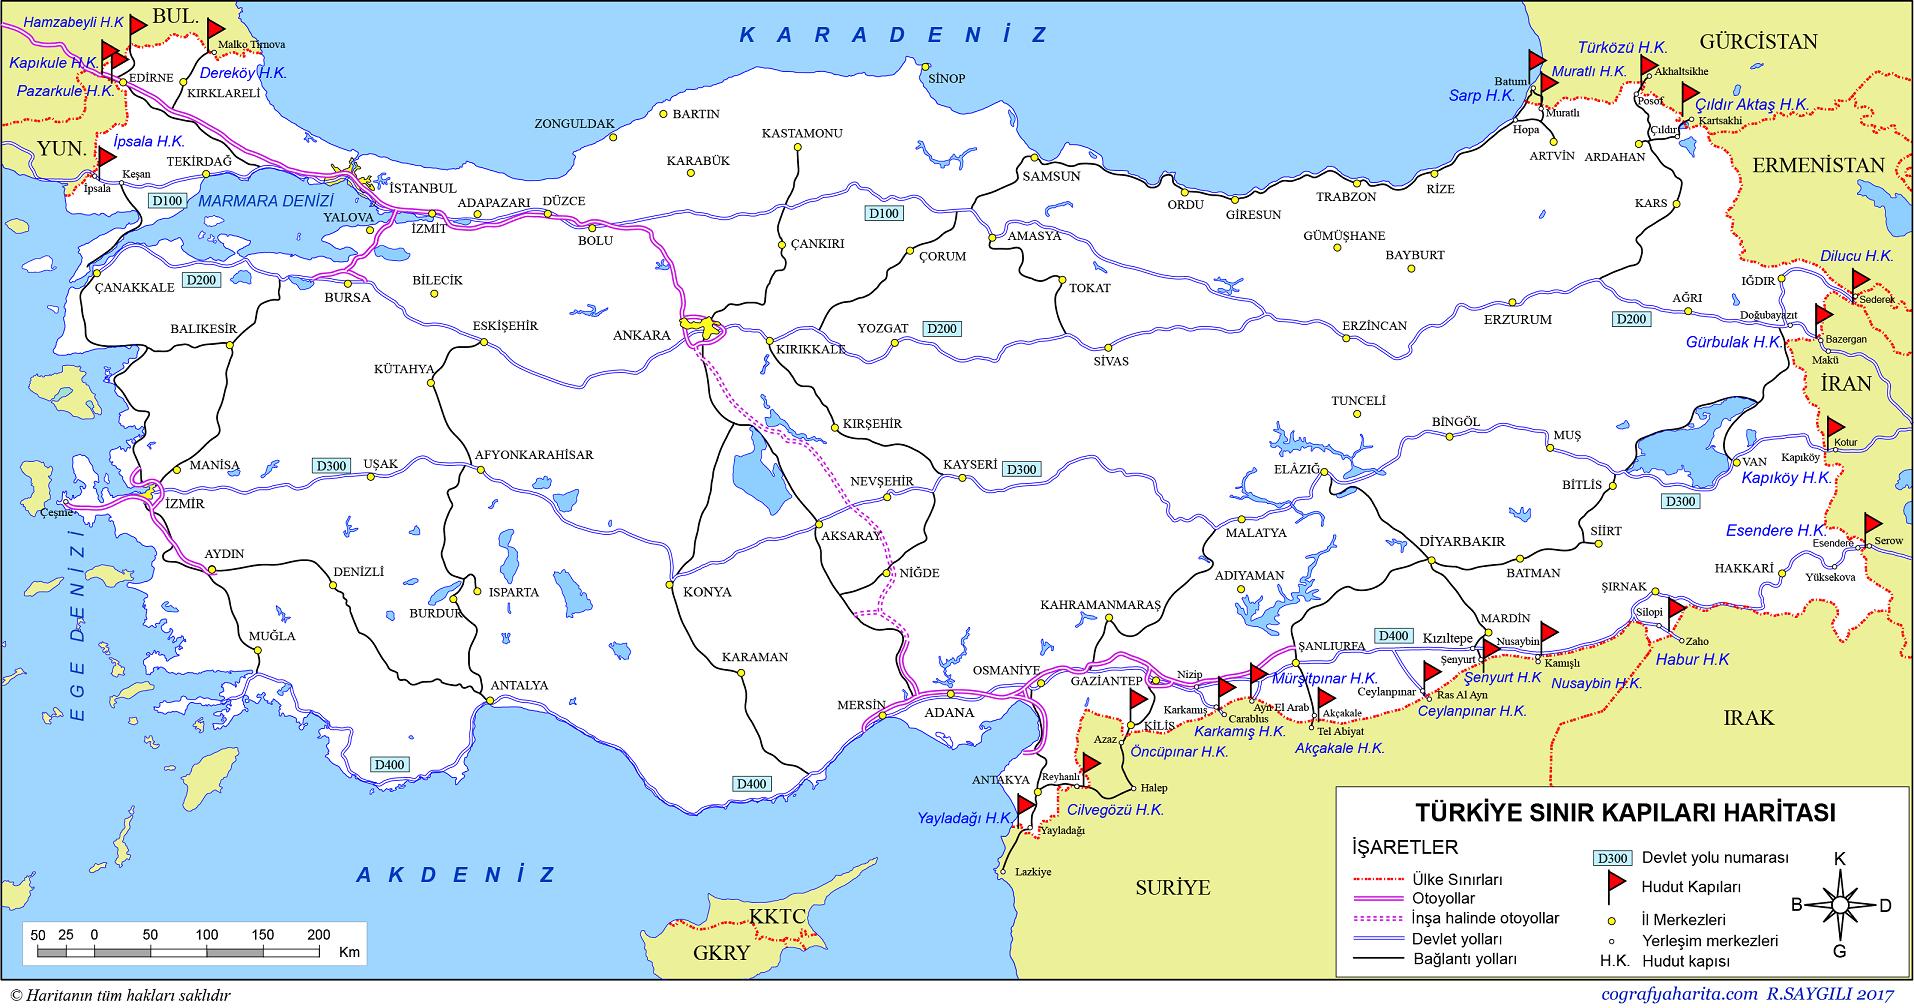 Türkiye'nin Sınır Kapıları Haritası